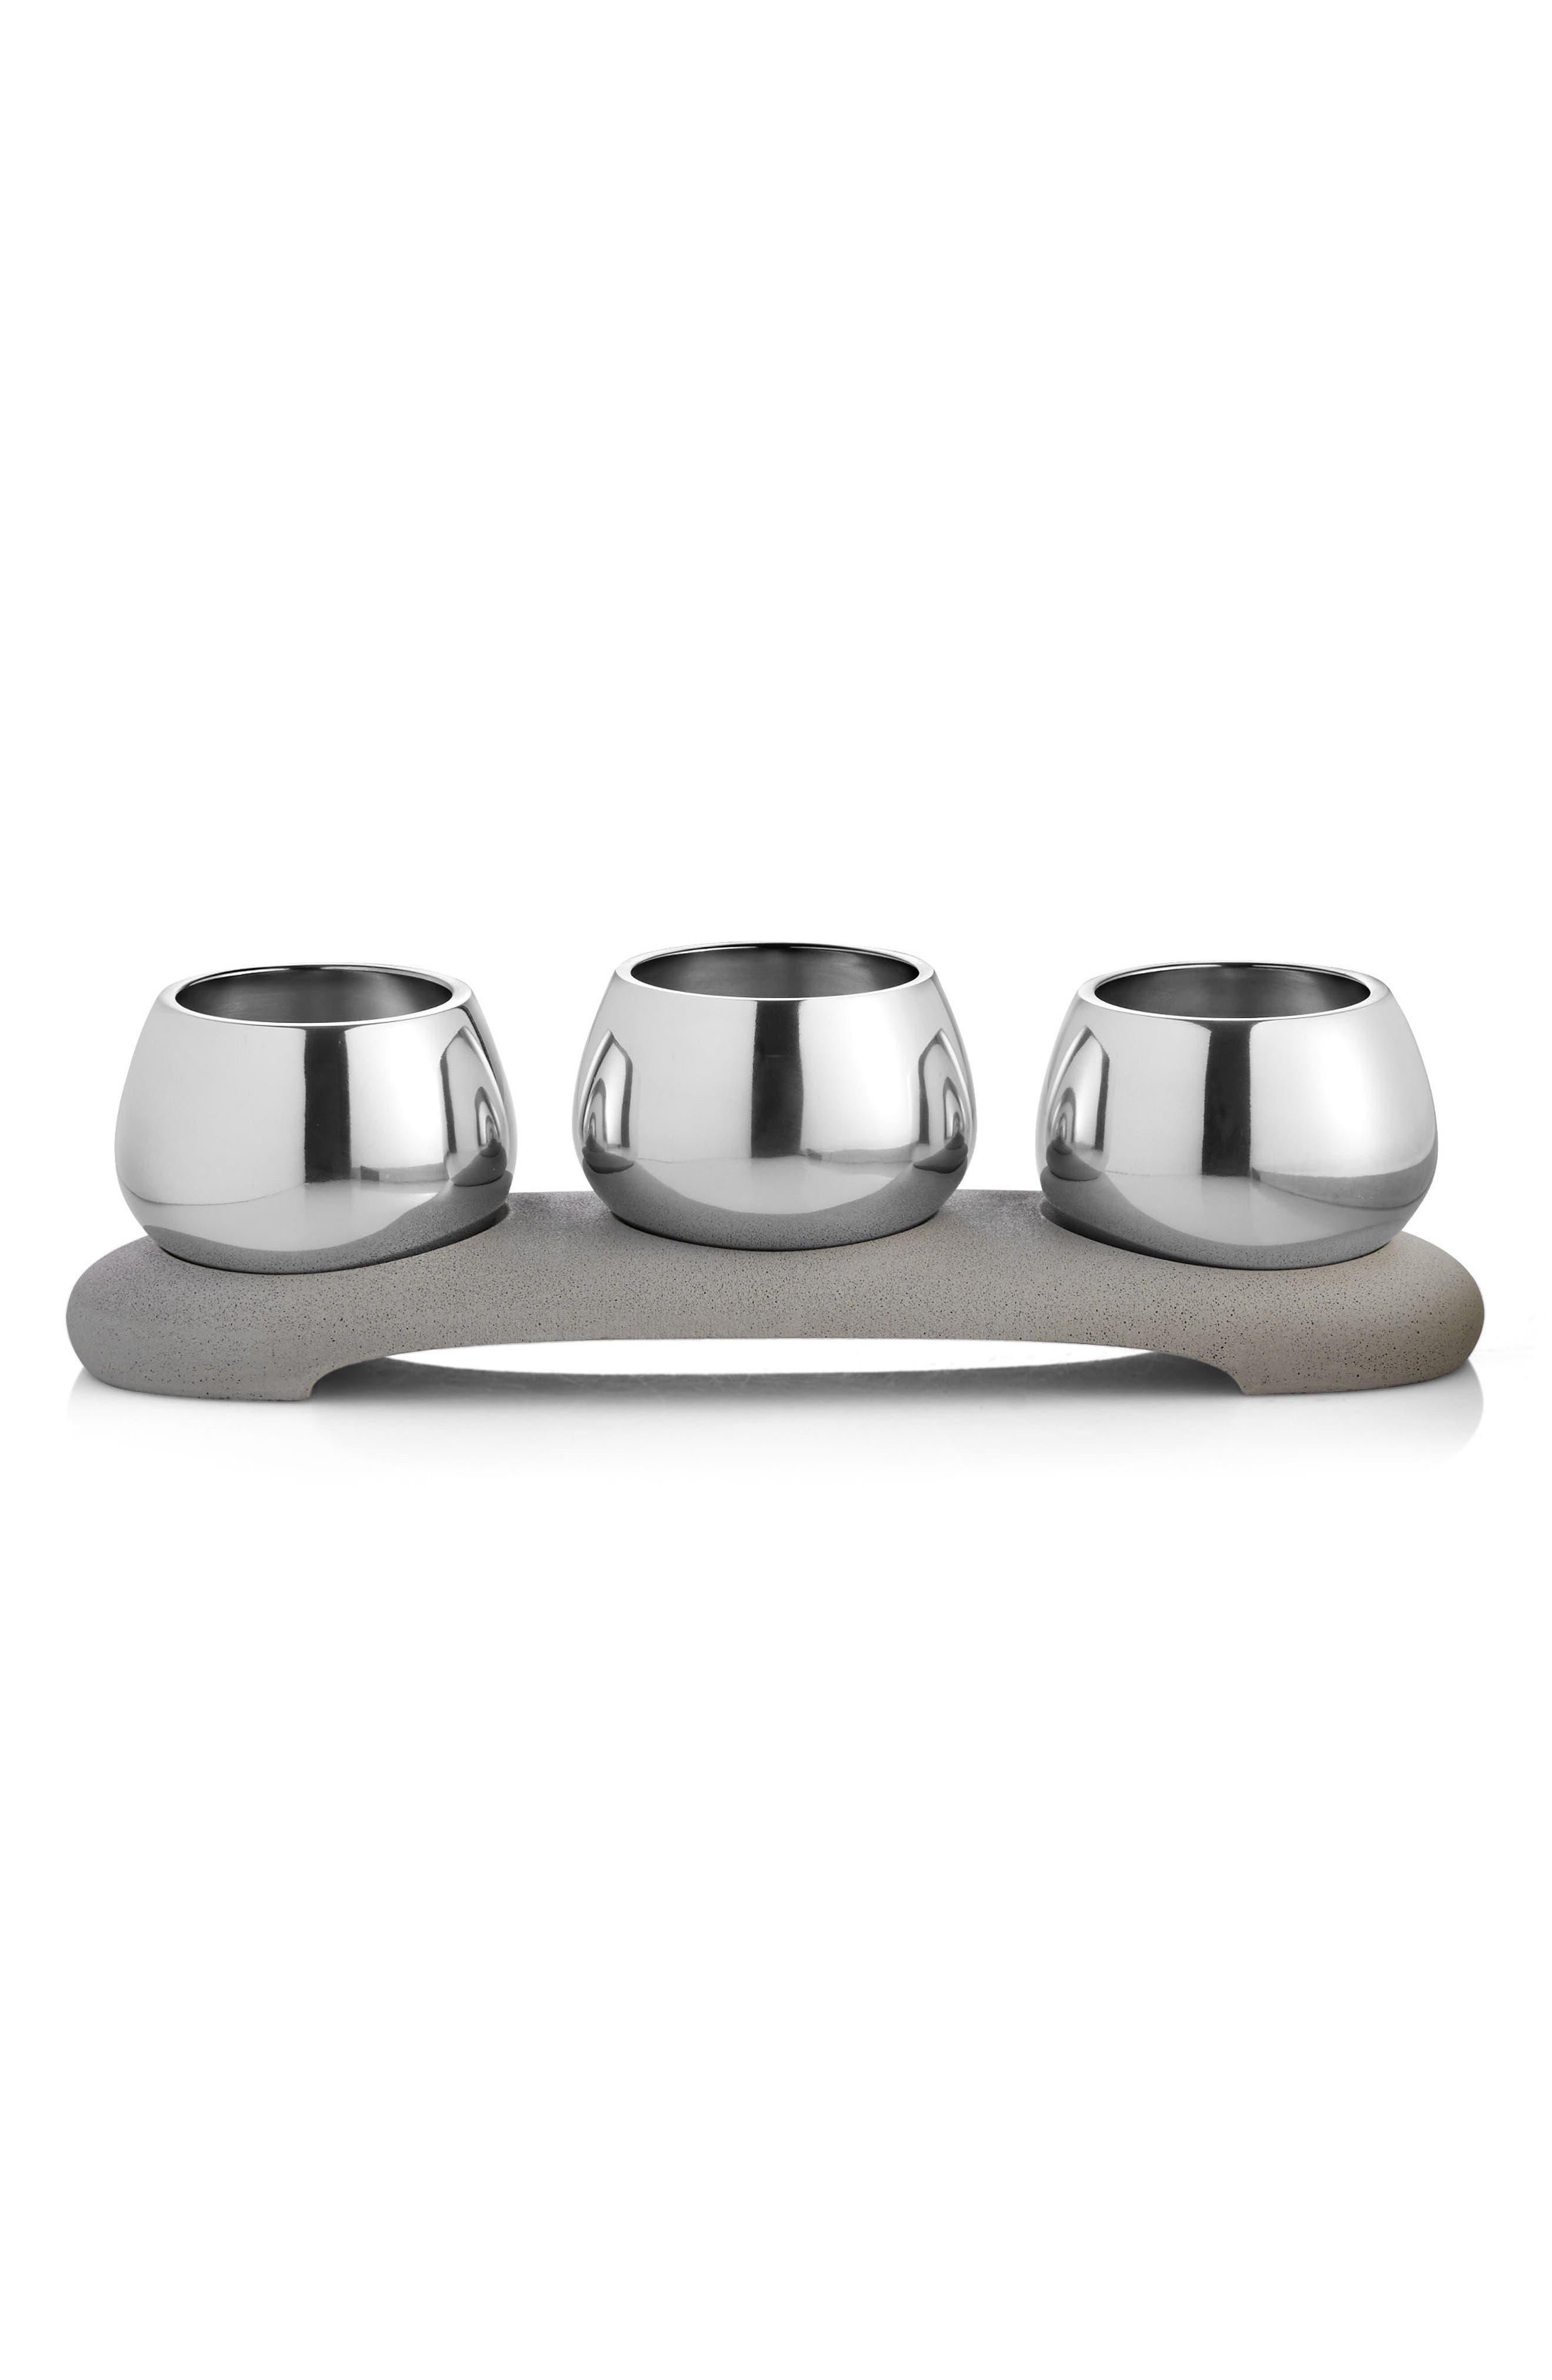 Forte 4-Piece Condiment Serving Set,                             Main thumbnail 1, color,                             Silver/ Grey